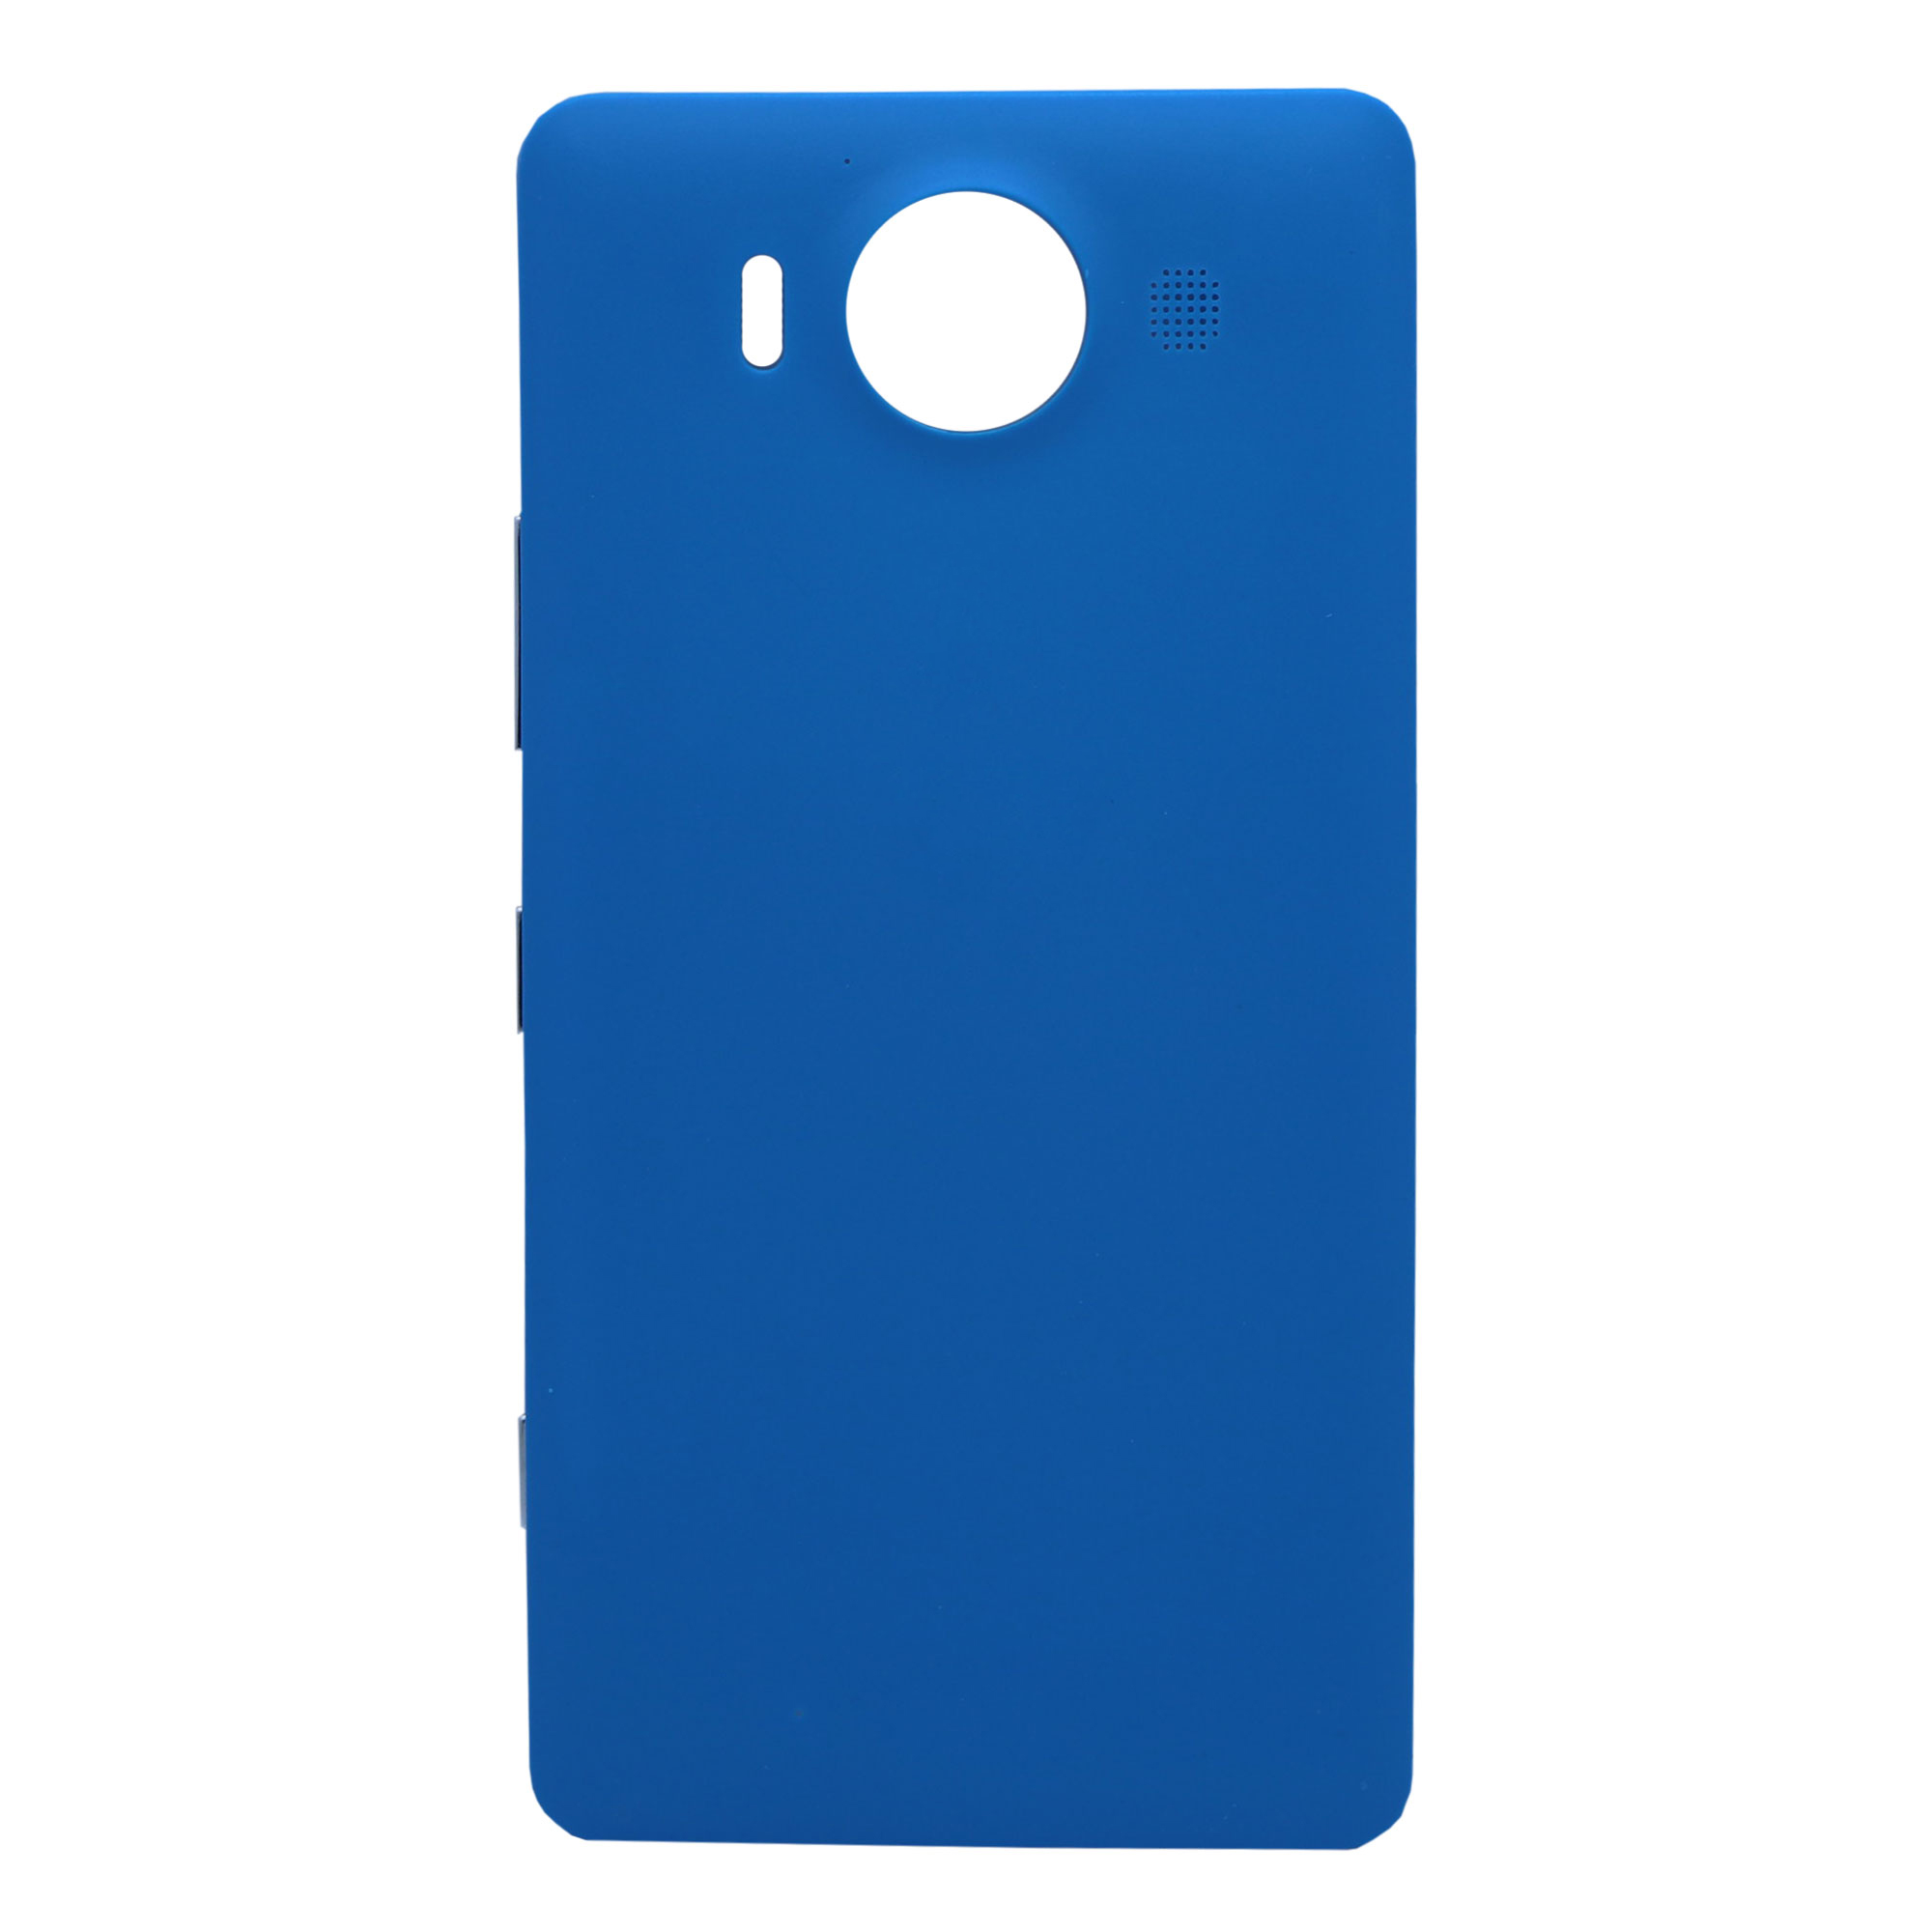 در پشت گوشی مدل BK-01 مناسب برای گوشی موبایل نوکیا Lumia 950